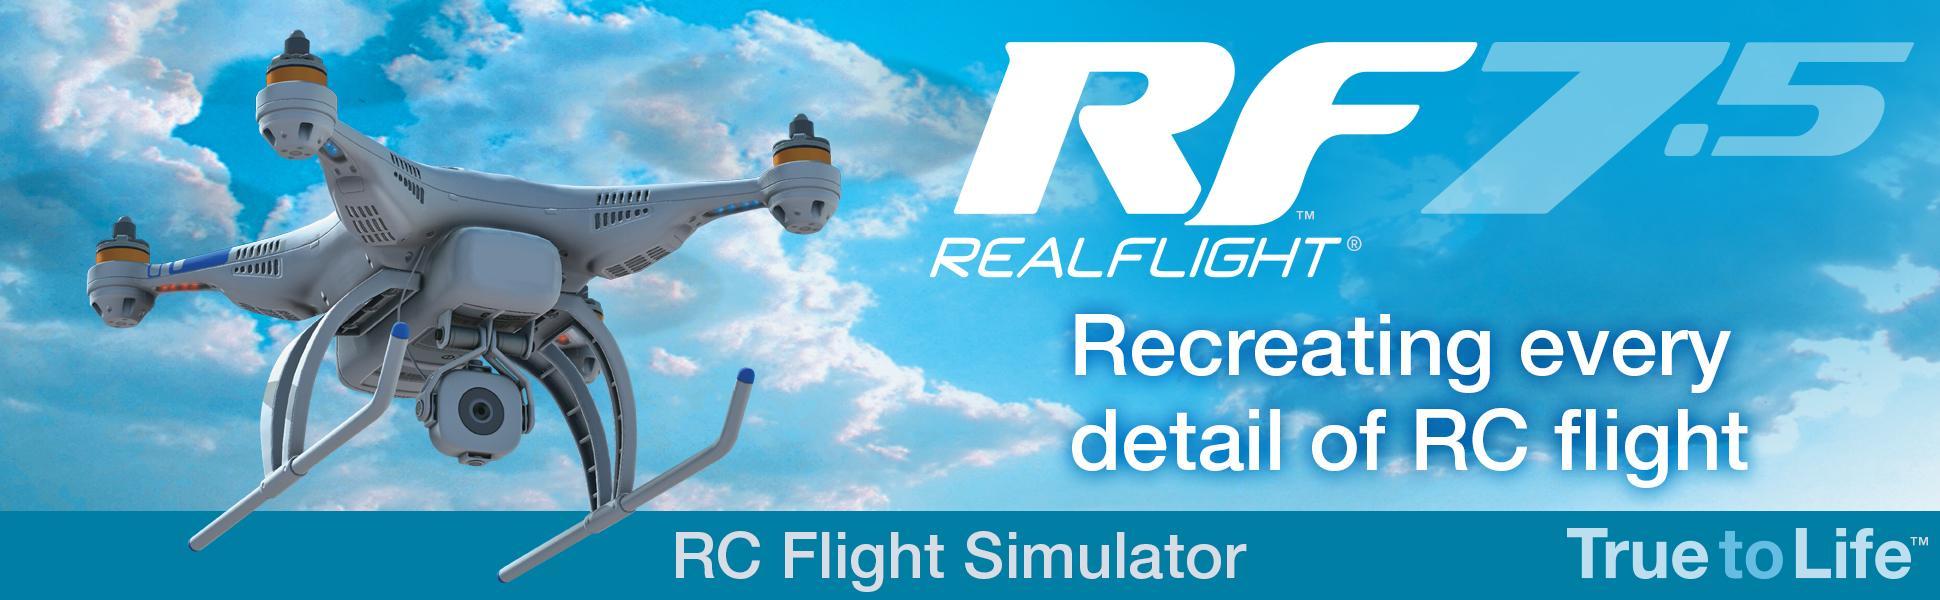 Realflight 7 5 Rc Simulator Manual